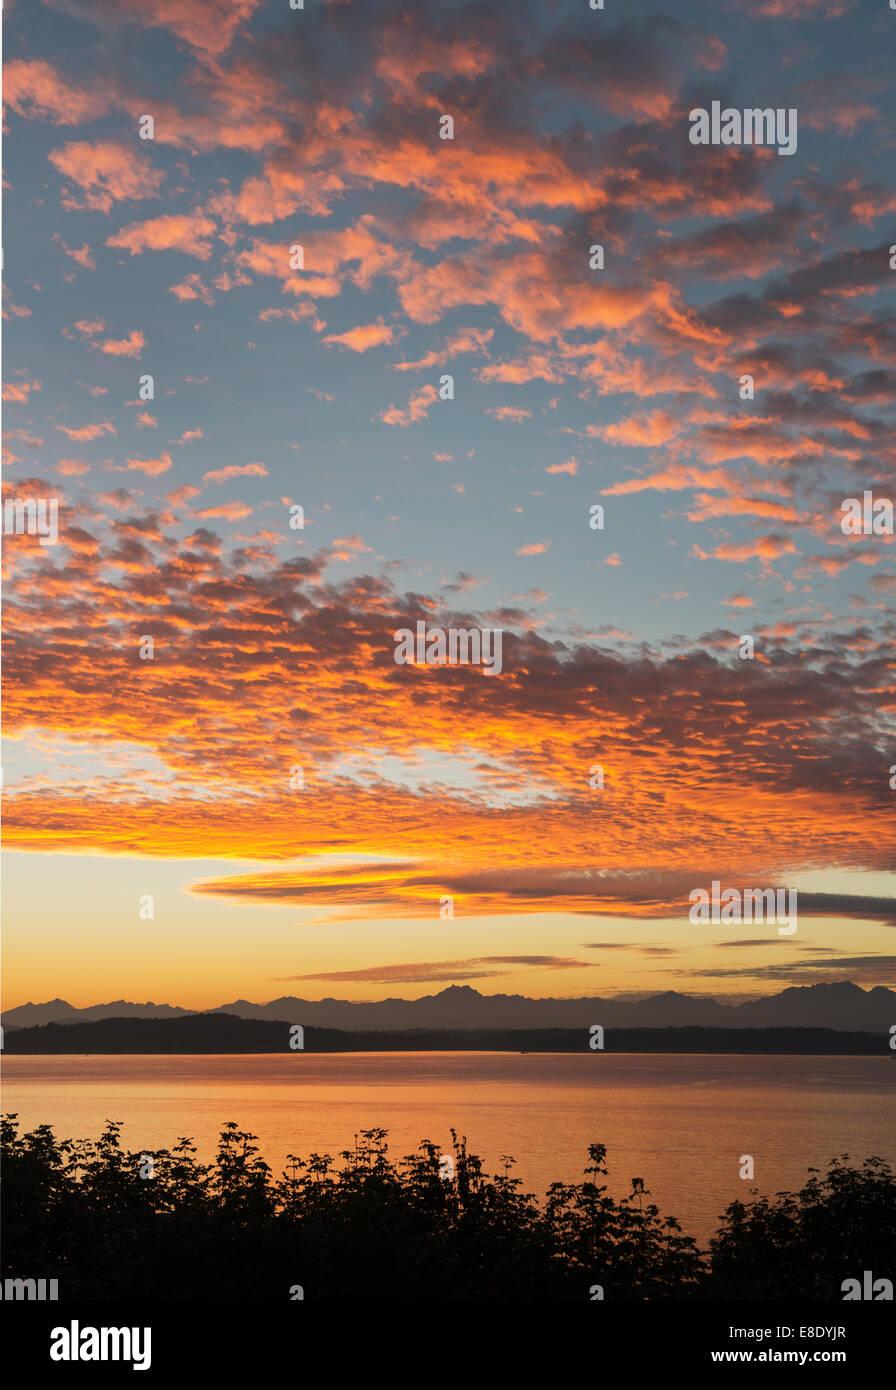 Dramatischen Sonnenuntergang über Puget Sound und die Olympic Mountains, Seattle, Washington, Oktober 2014 Stockfoto